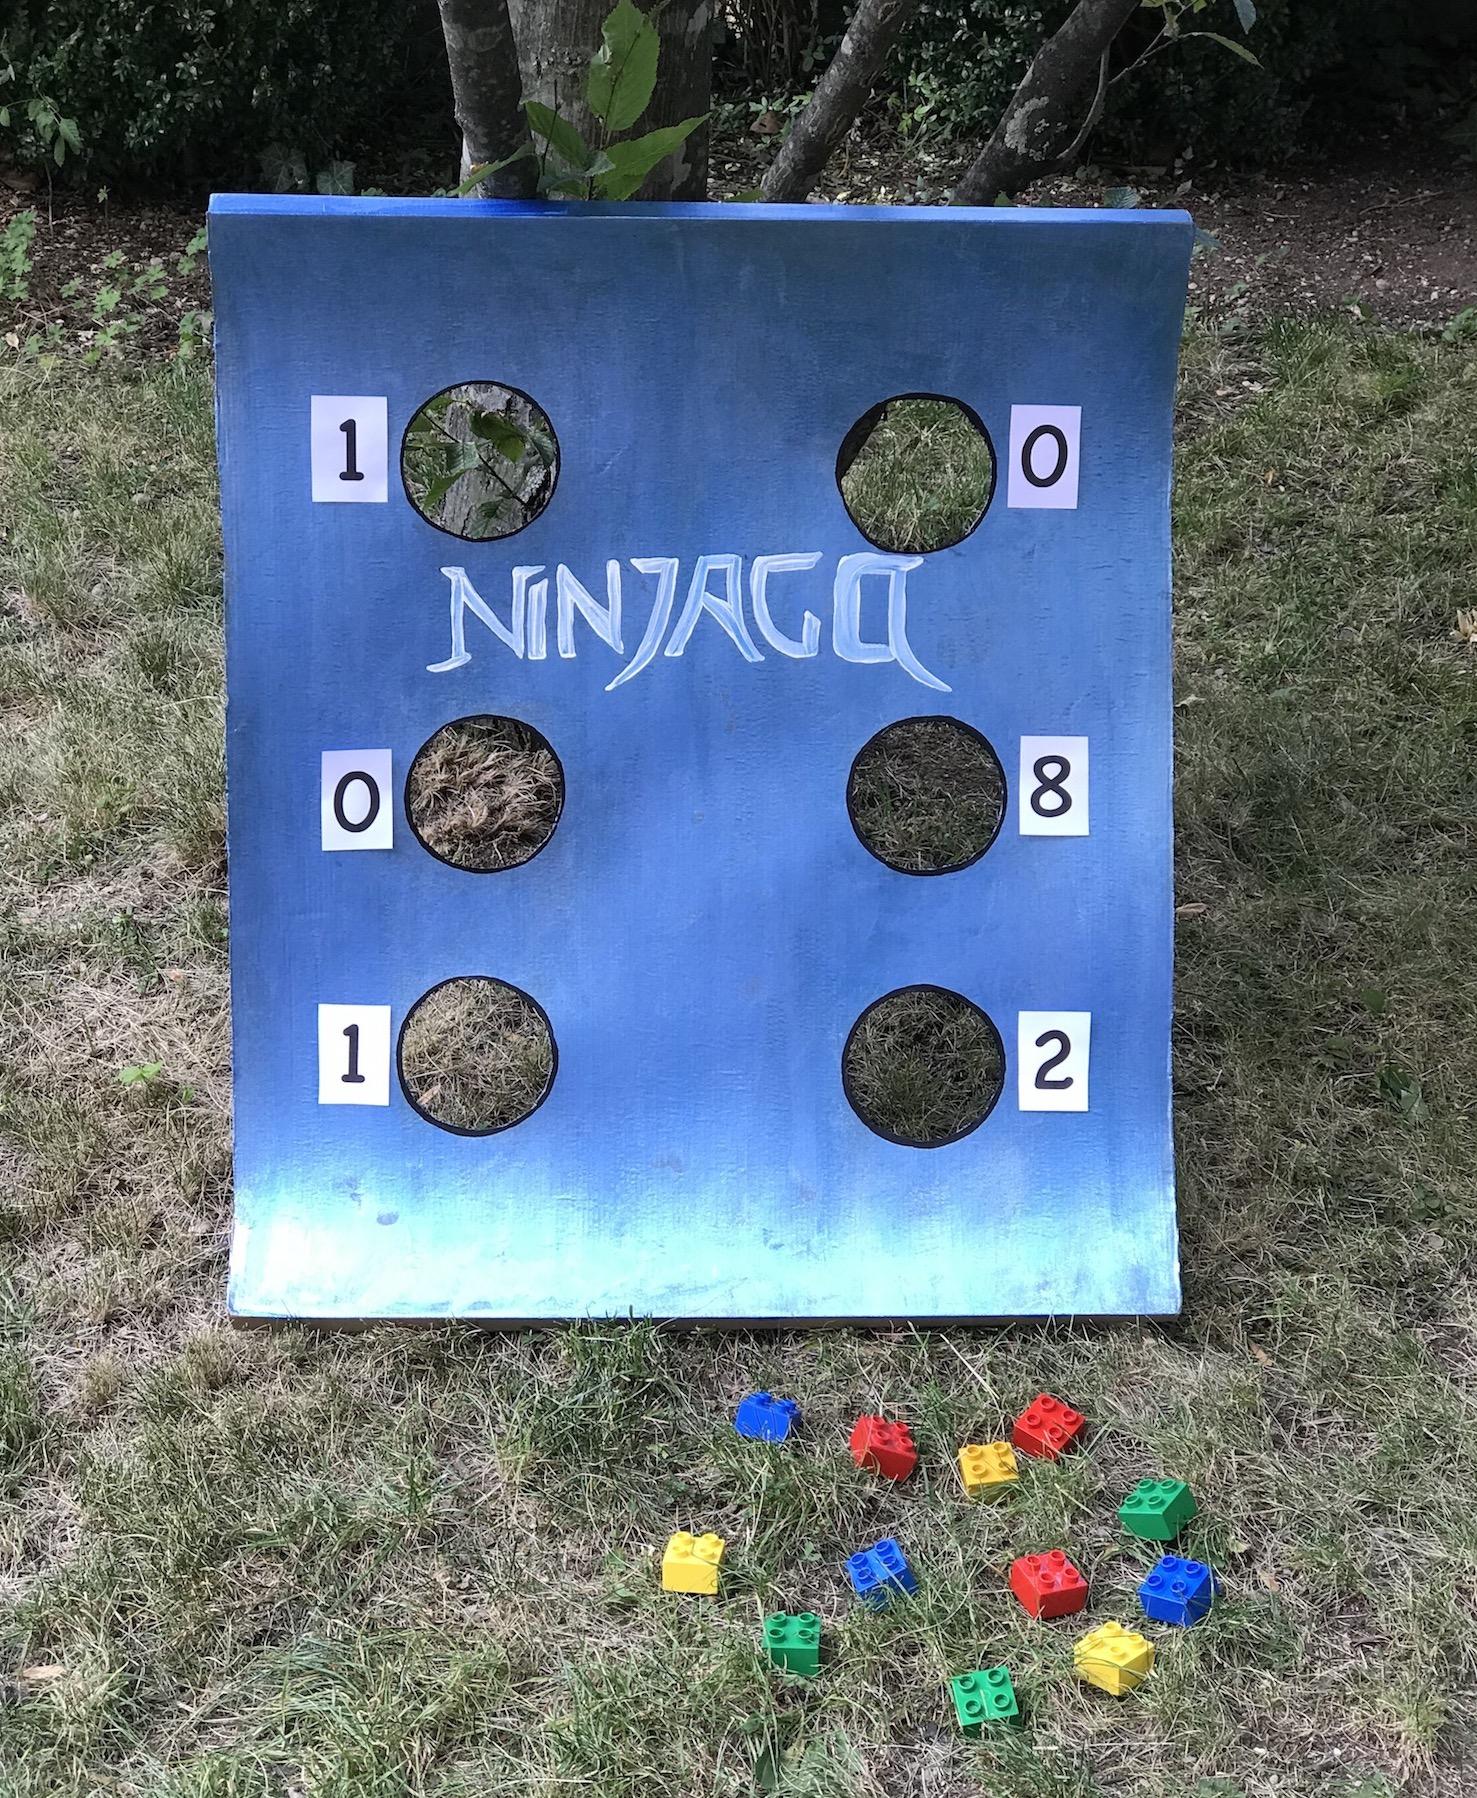 Ninjago Geburtstag Spiele, DIY Wurfspiel Zahlencode selber machen, Upcycling für Kinder